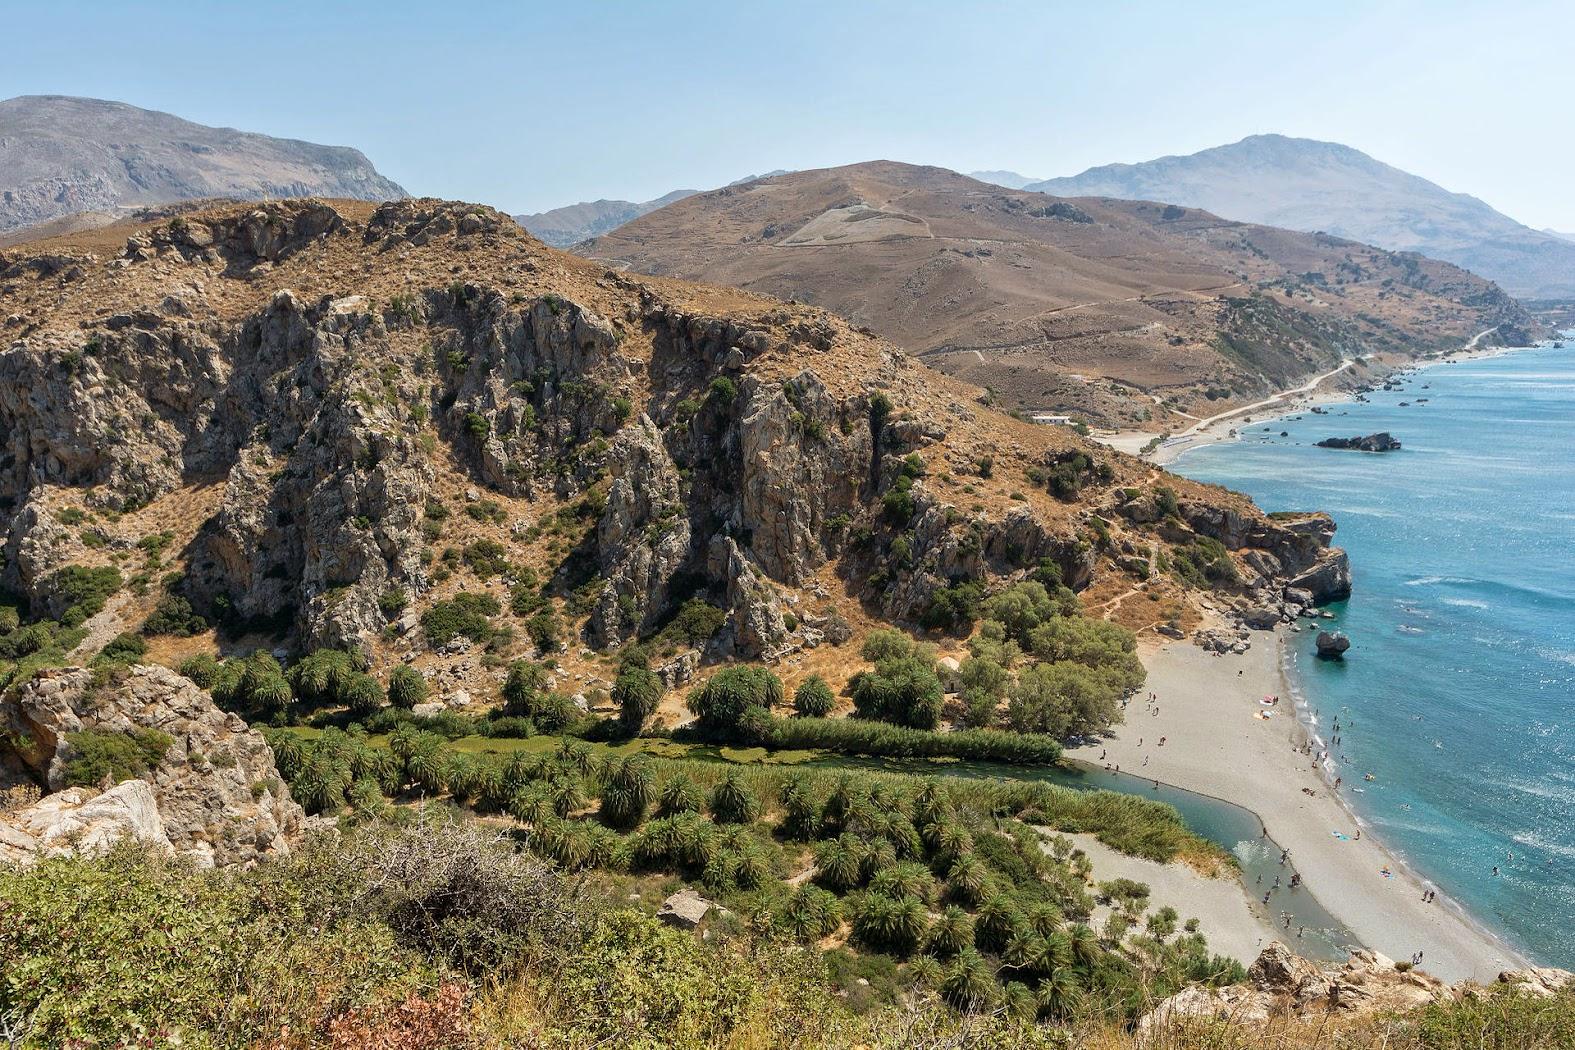 До пляжа-мечты Превели на юге острова добраться можно только пешком или на лодке